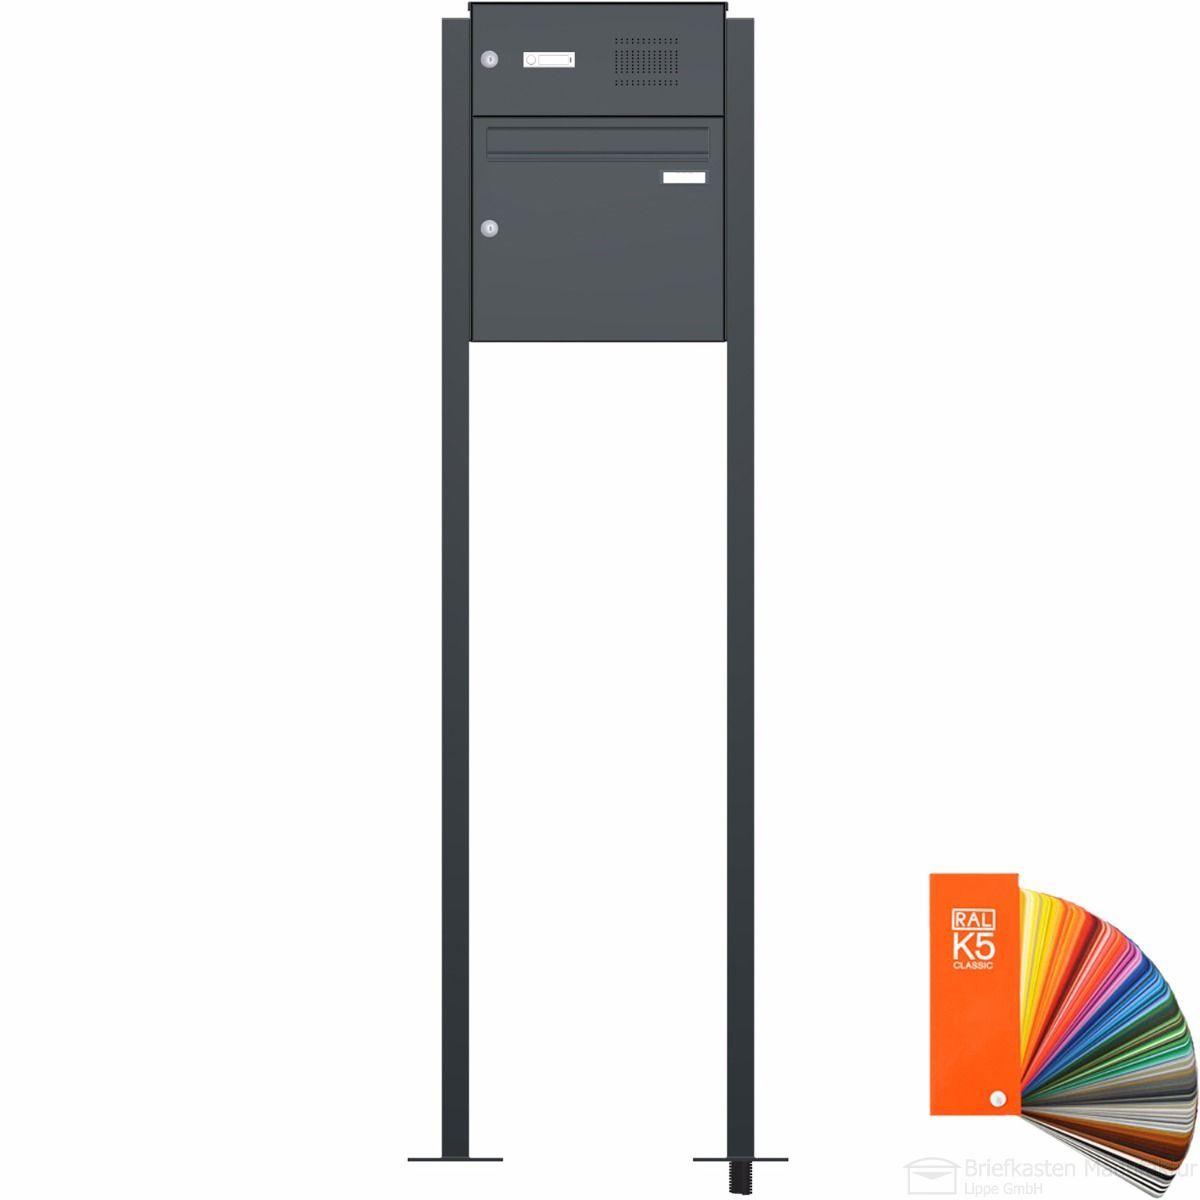 Briefkastenanlage CLASSIC freistehend 1 Parteien 536 SP in RAL Farbe Klingel Sprechstelle wahlweise